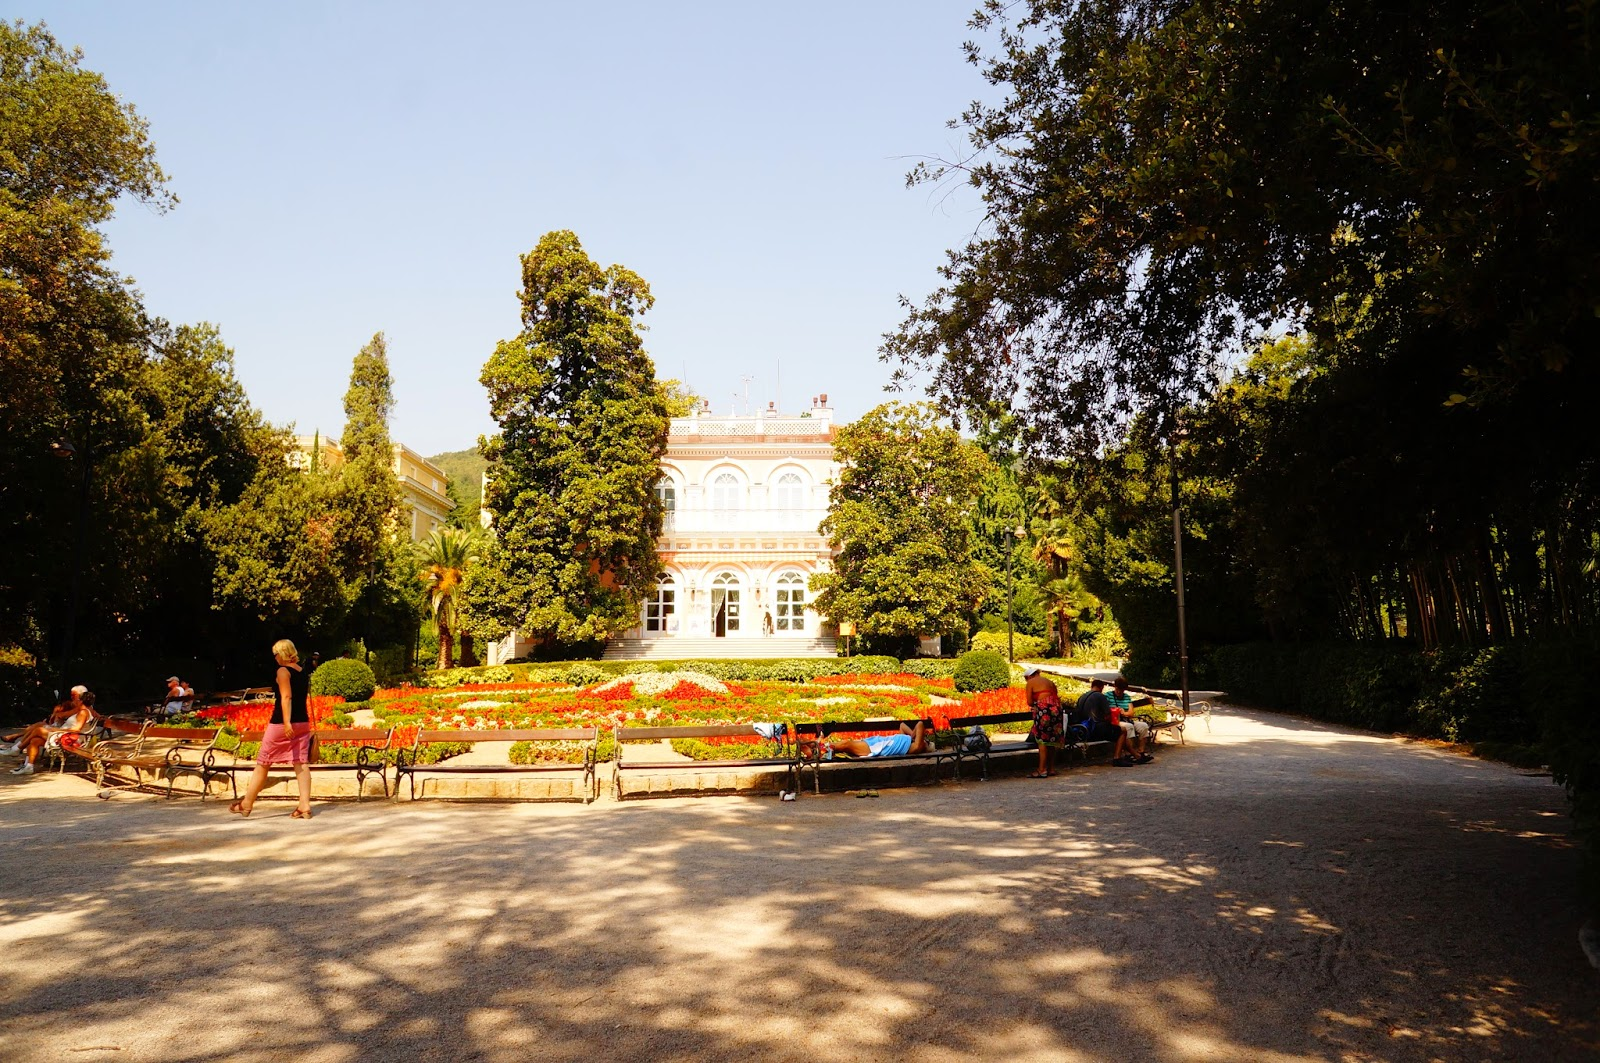 Villa-Angiolini